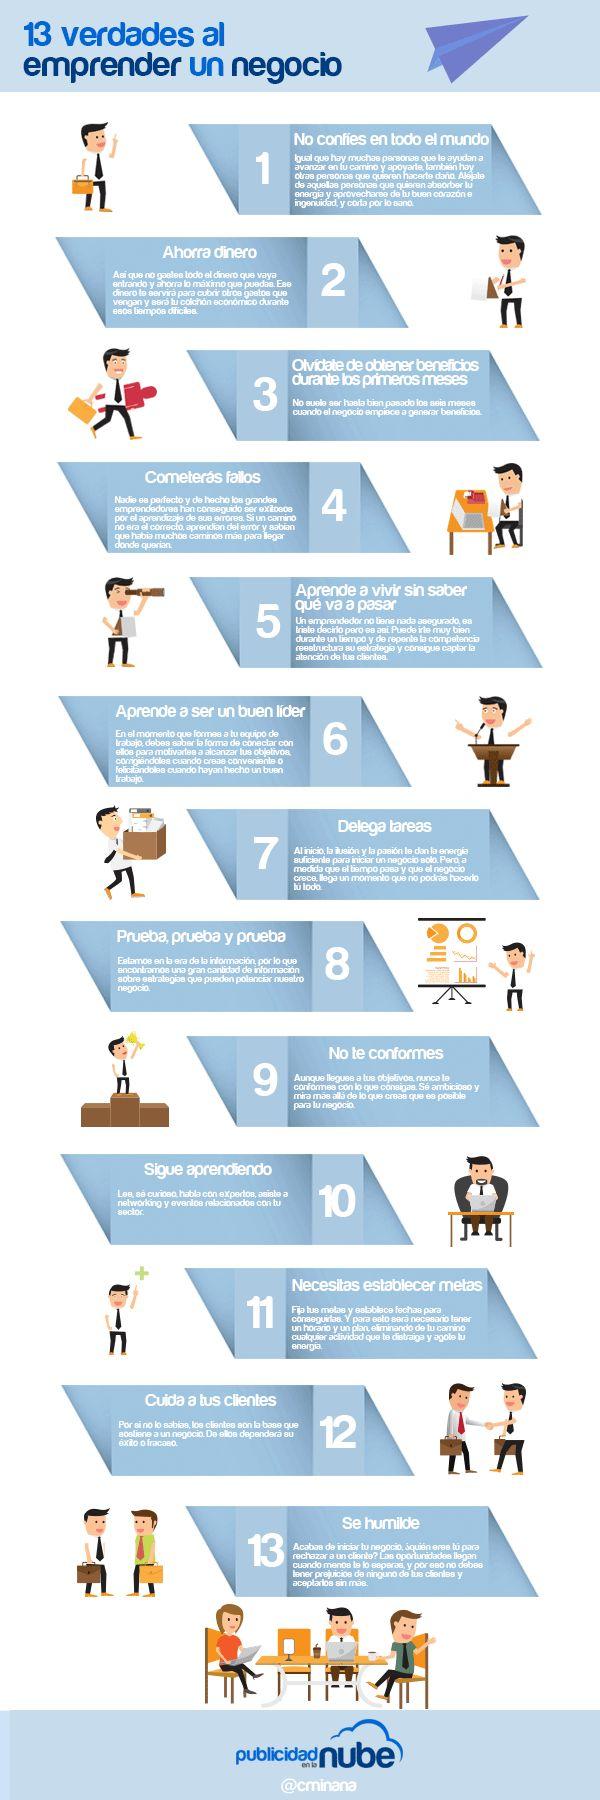 13 verdades al emprender un negocio. || #infografias #emprendedores